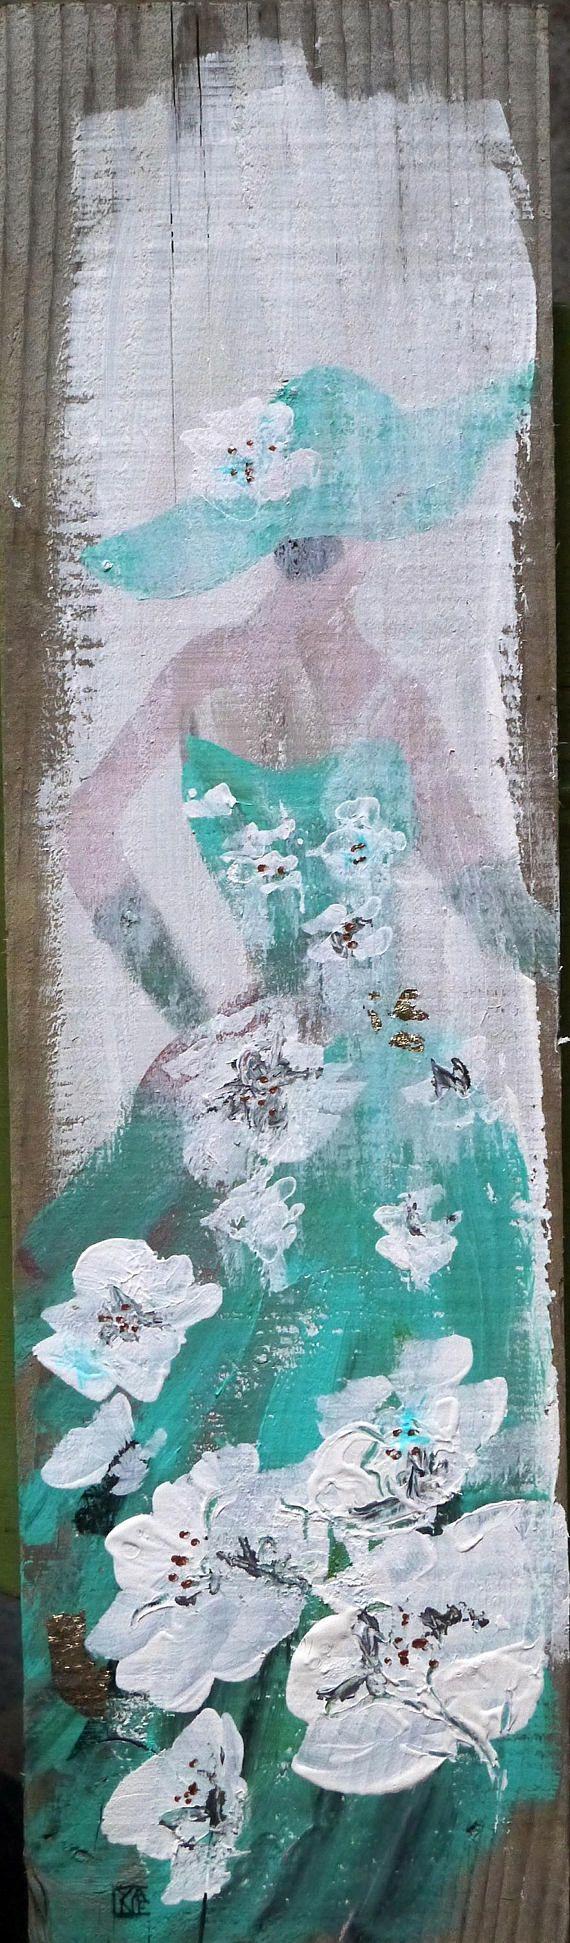 tableau contemporain acrylique sur bois art contemporain